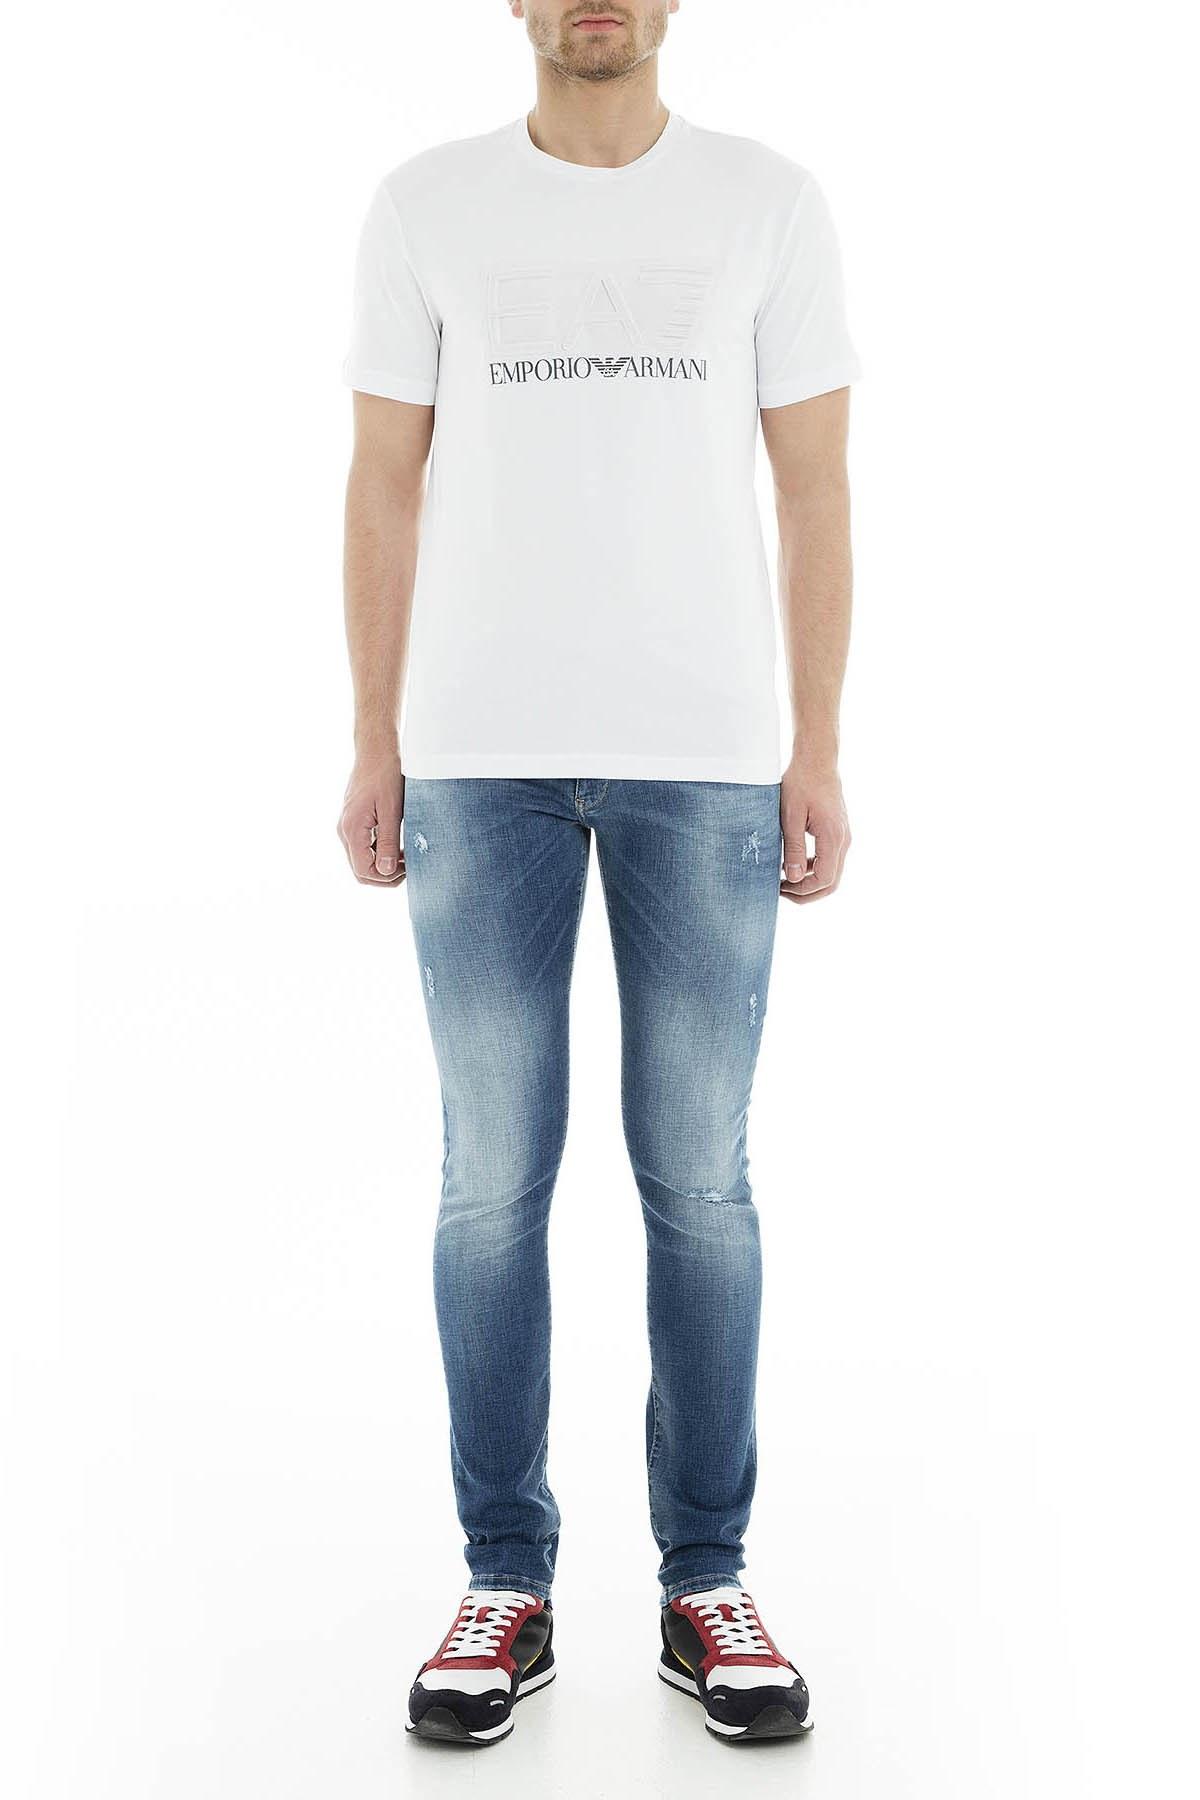 Emporio Armani J10 Jeans Erkek Kot Pantolon 3G1J10 1D5MZ 0941 MAVİ